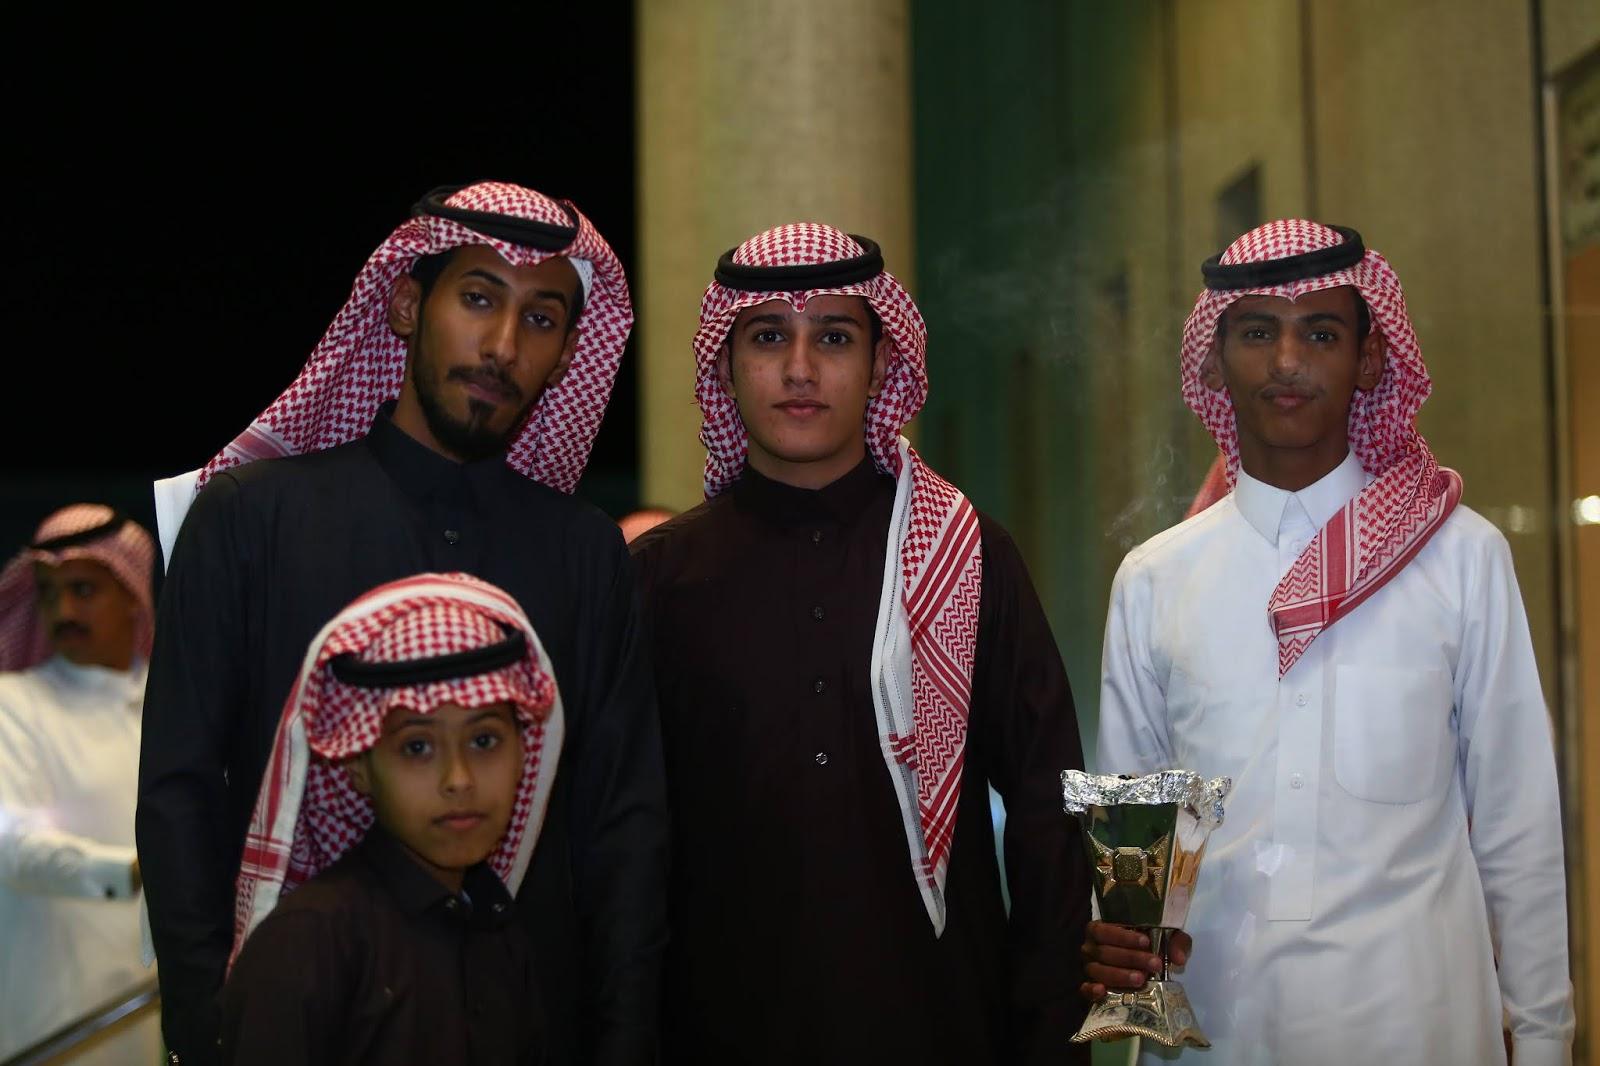 ستديو اضواء: حفل زواج الشاب يوسف هادي الحربي